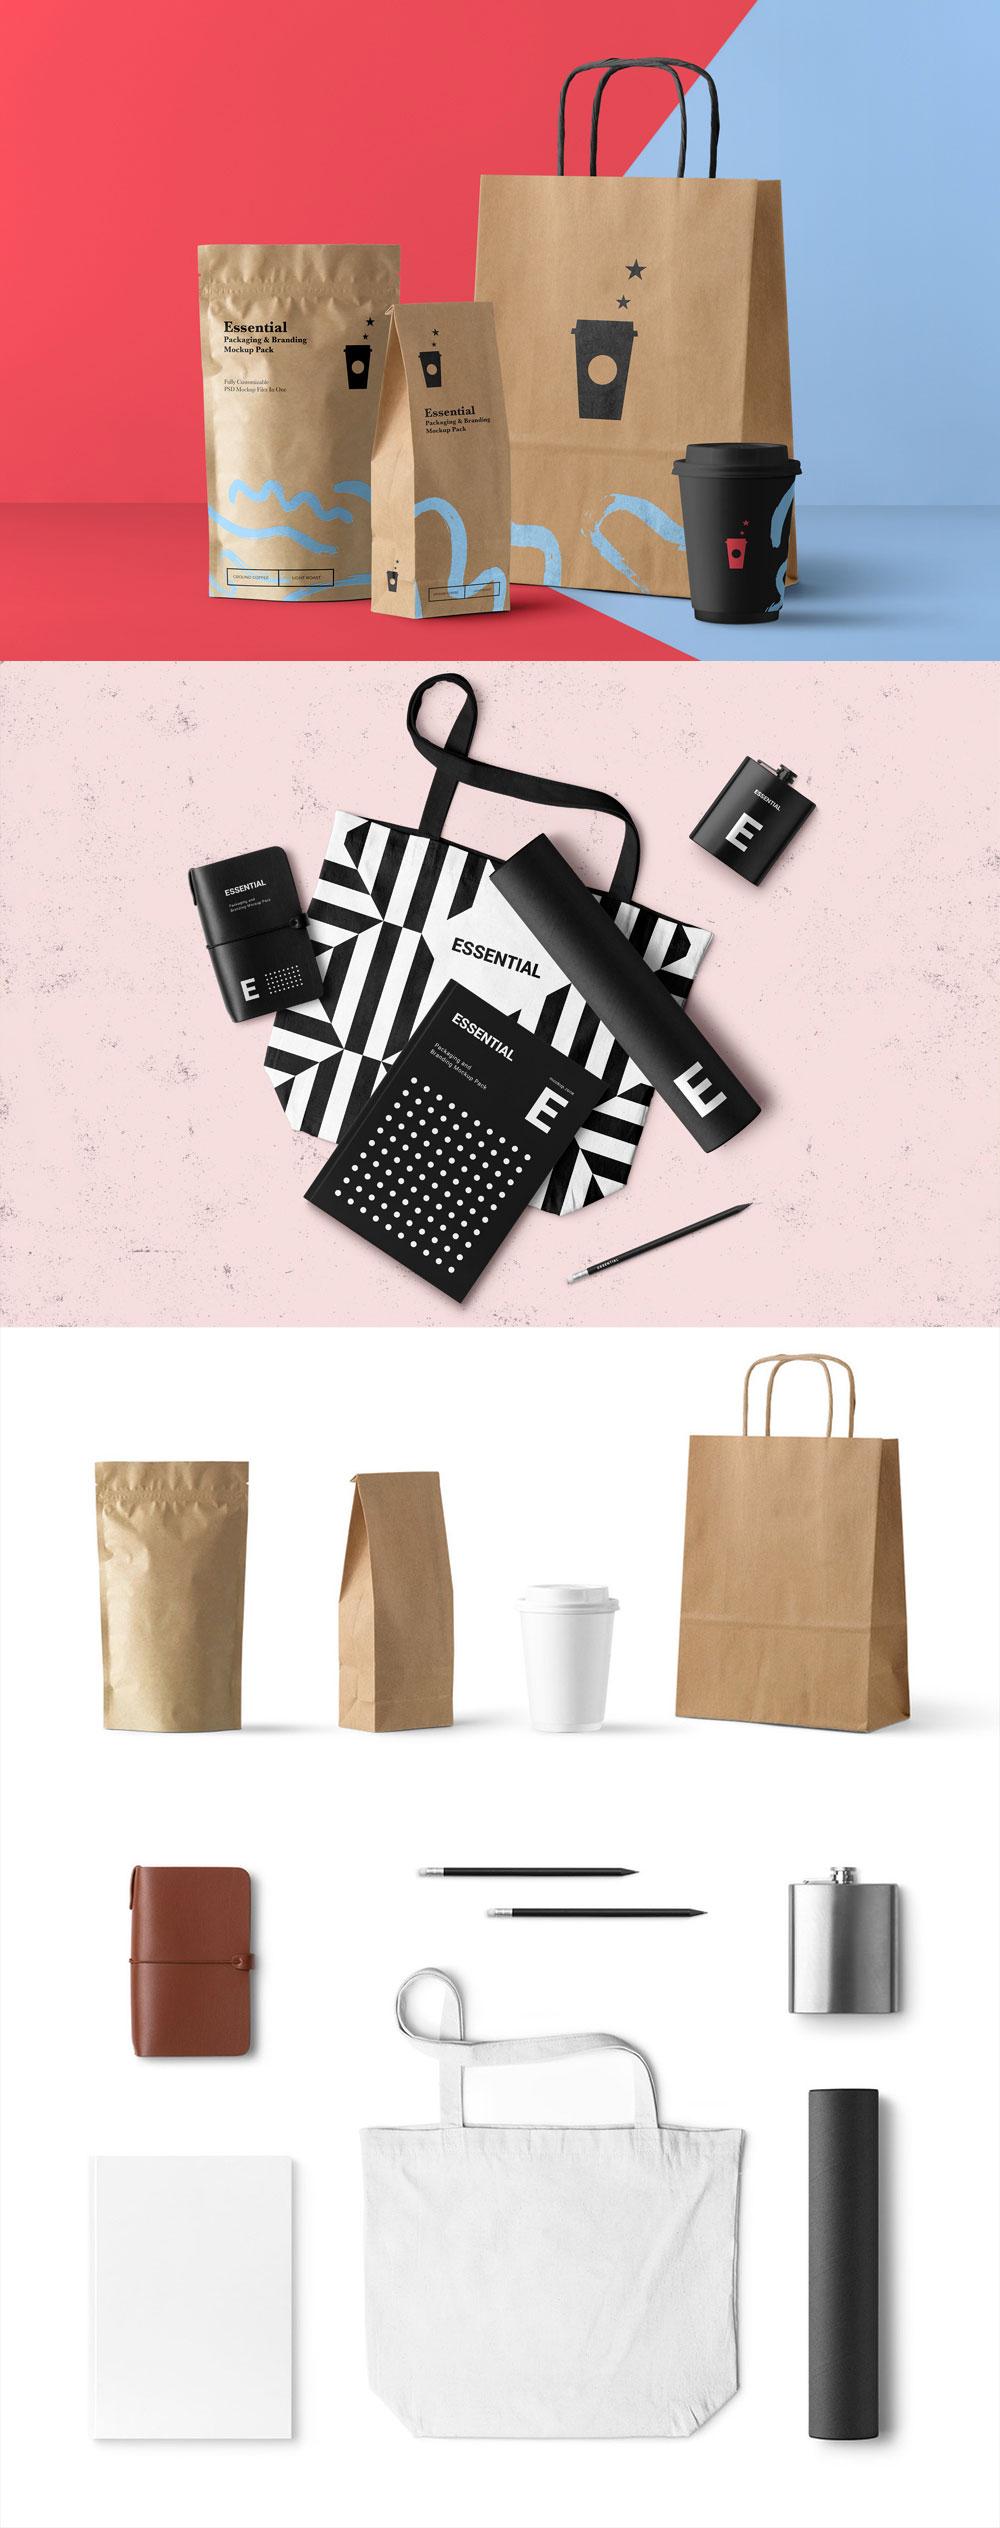 [免费]高端的牛皮纸包装设计展示模型Mockups下载[PSD]设计素材模板